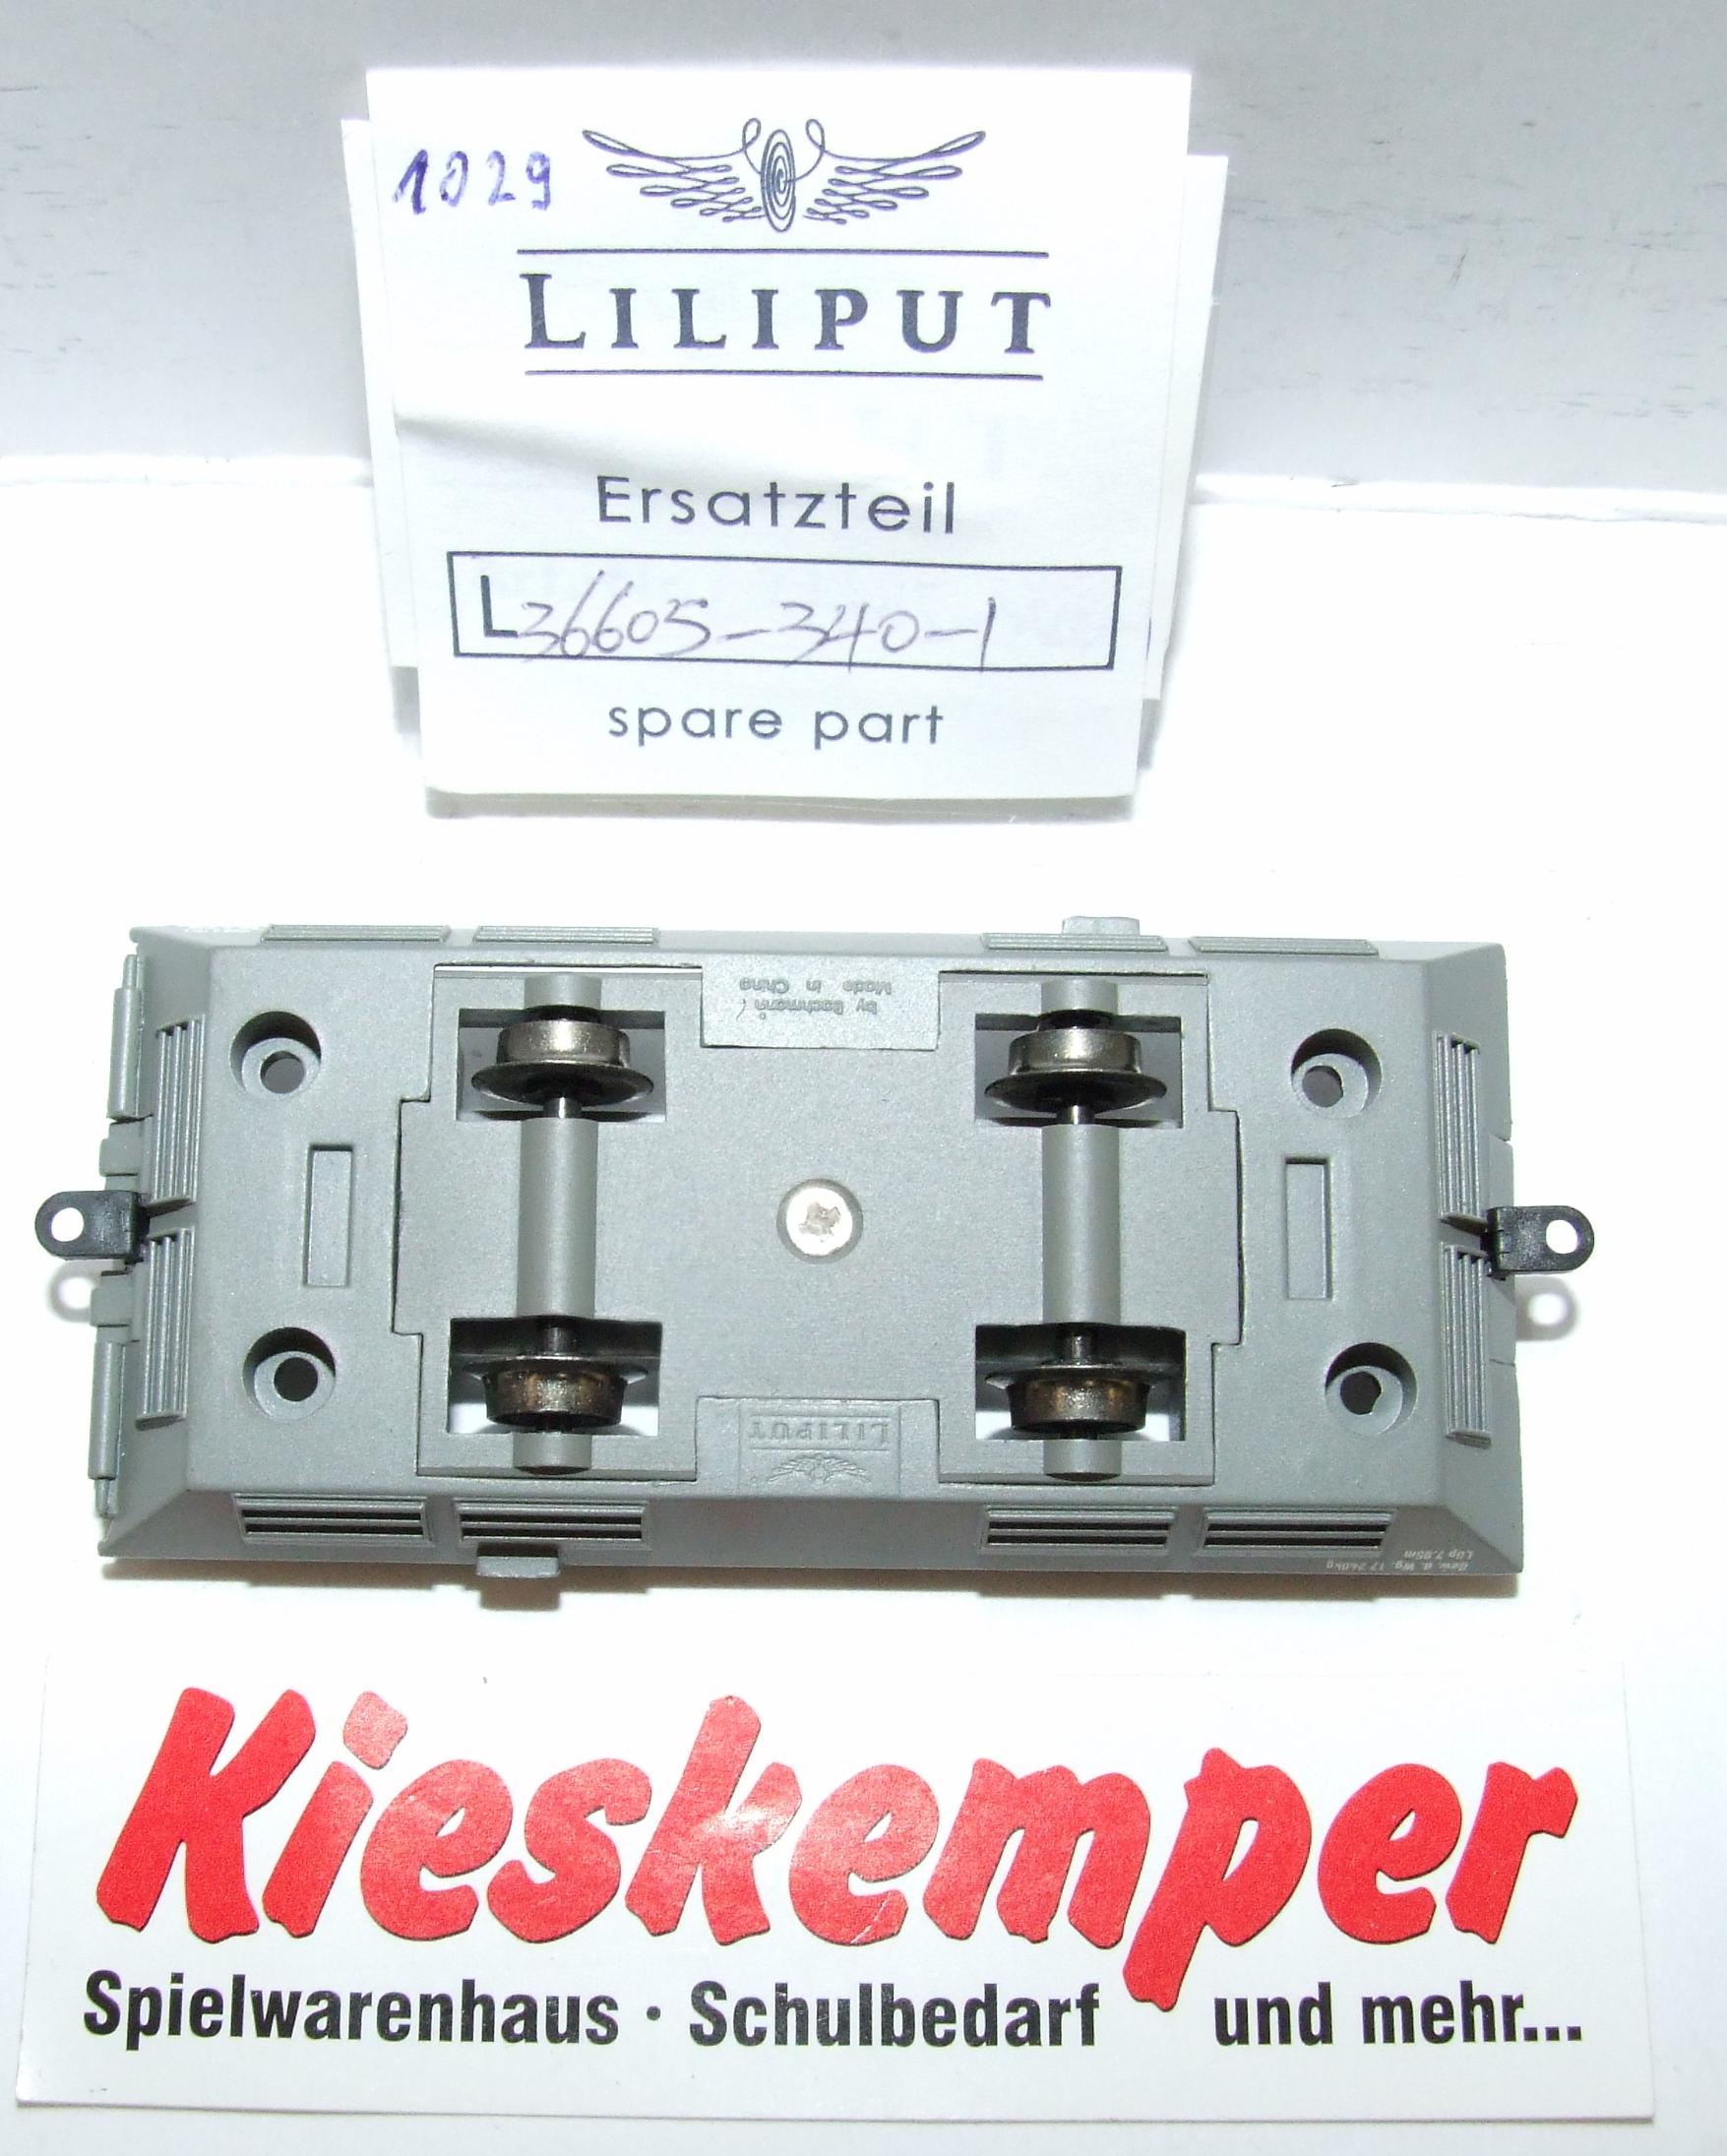 LO1029 Liliput H0 L 366053401 Fahrgestell grau DC Ersatzteil für Panzer Zug Wehrmacht